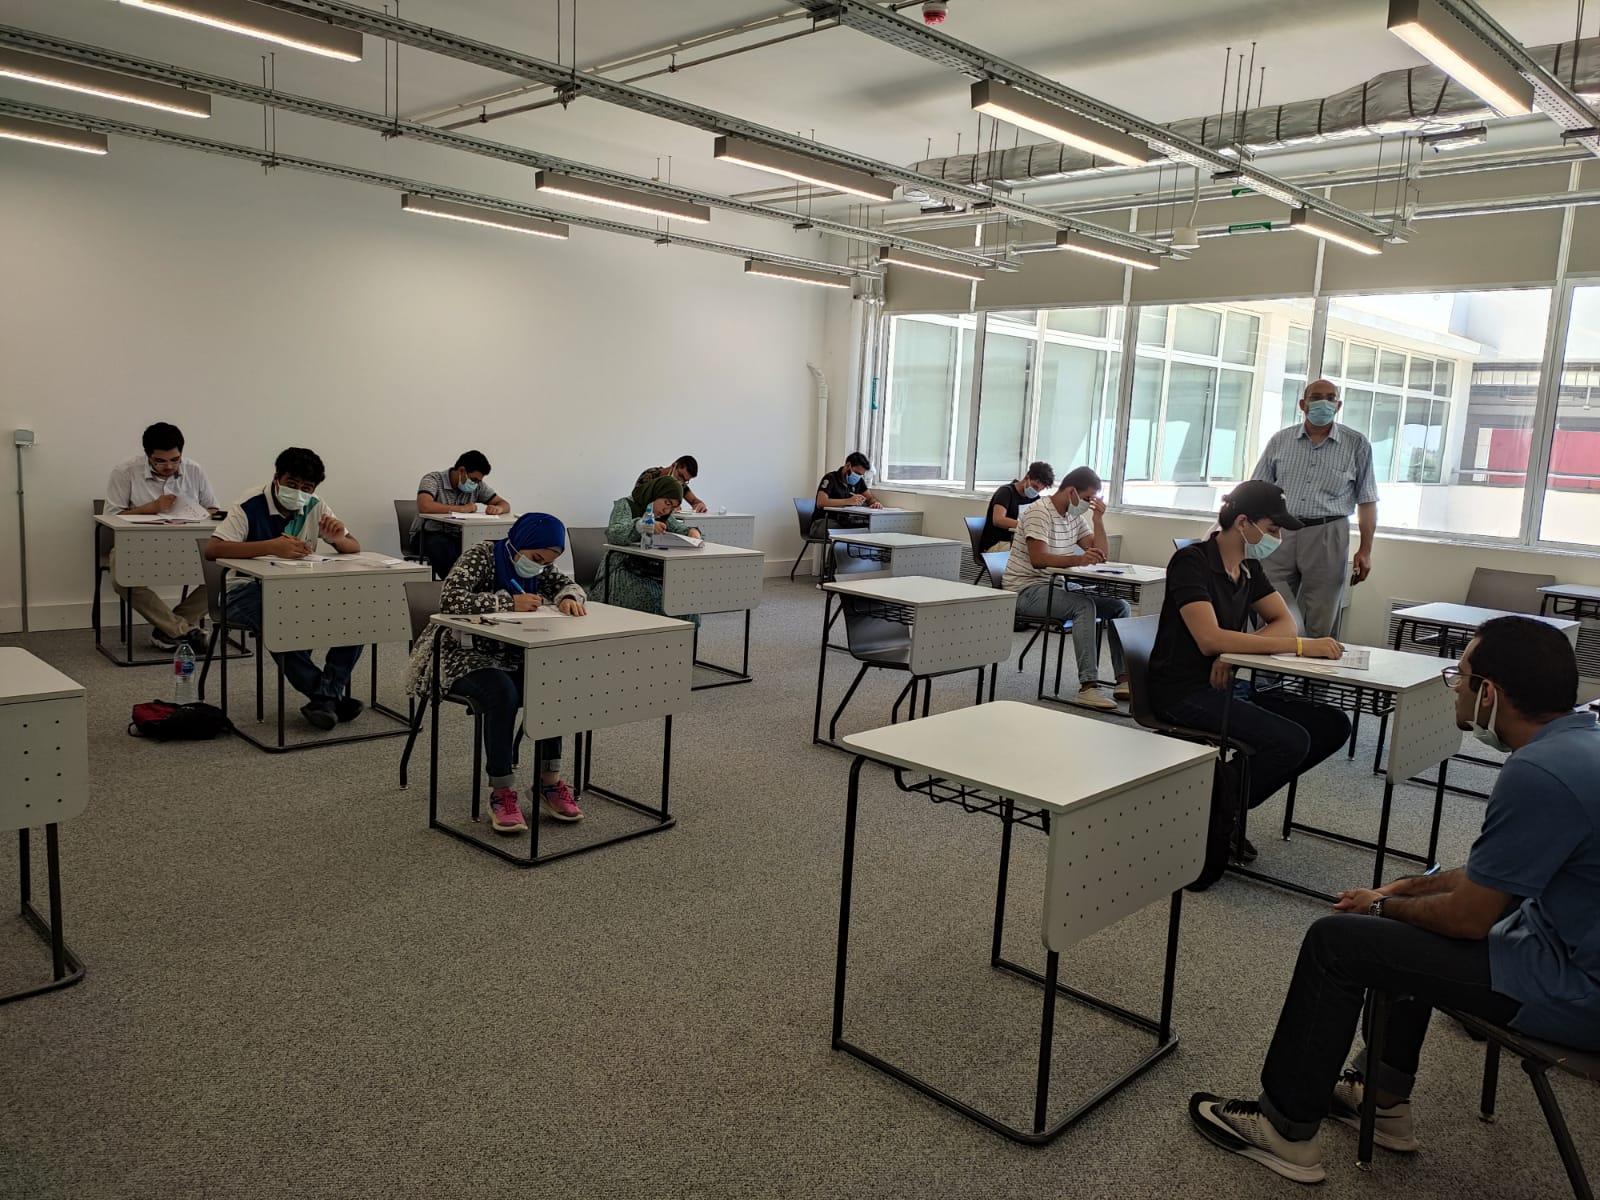 إختبارات القبول بالجامعة اليابانية